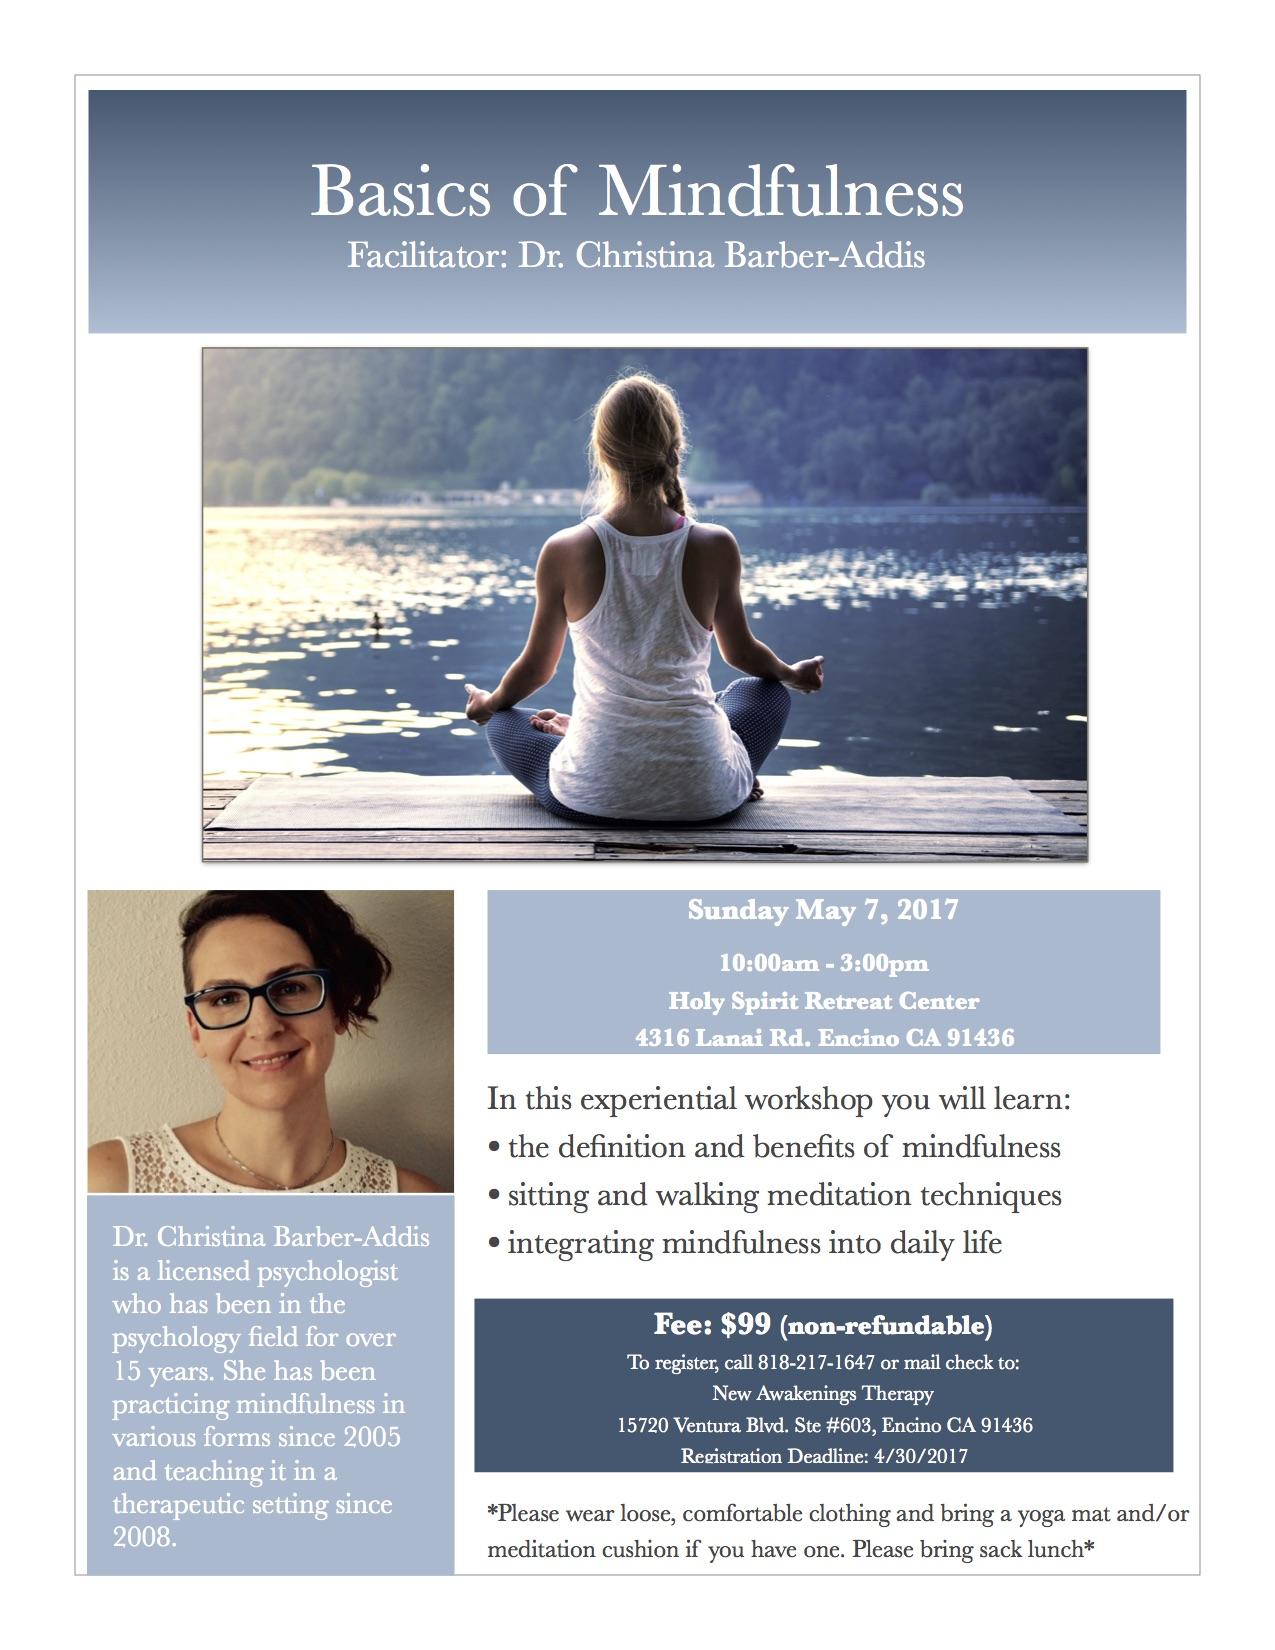 Mindfulness Workshop in Encino